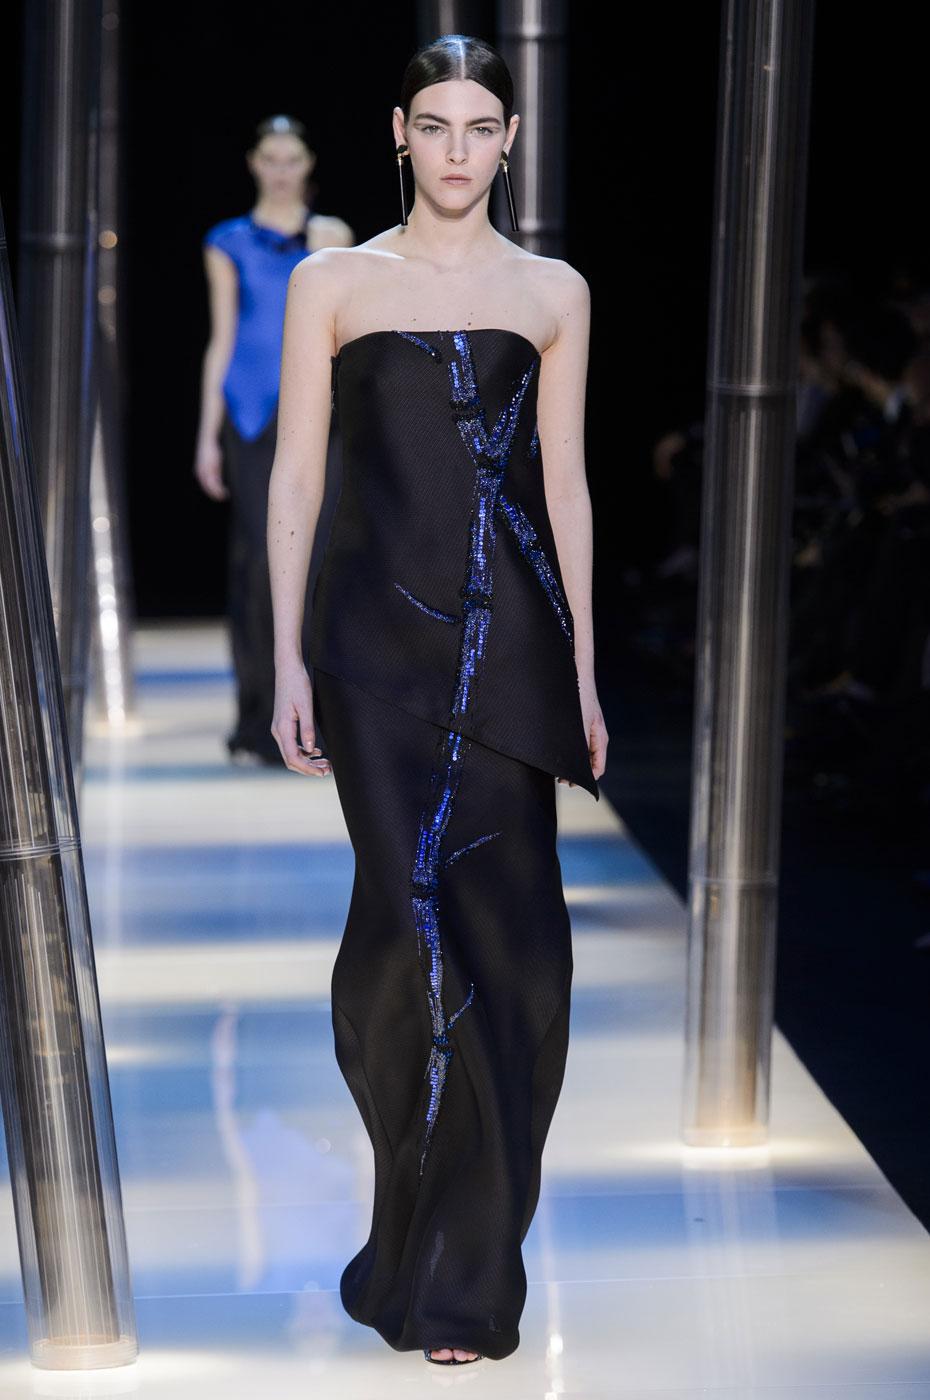 Giorgio-armani-Prive-fashion-runway-show-haute-couture-paris-spring-2015-the-impression-123